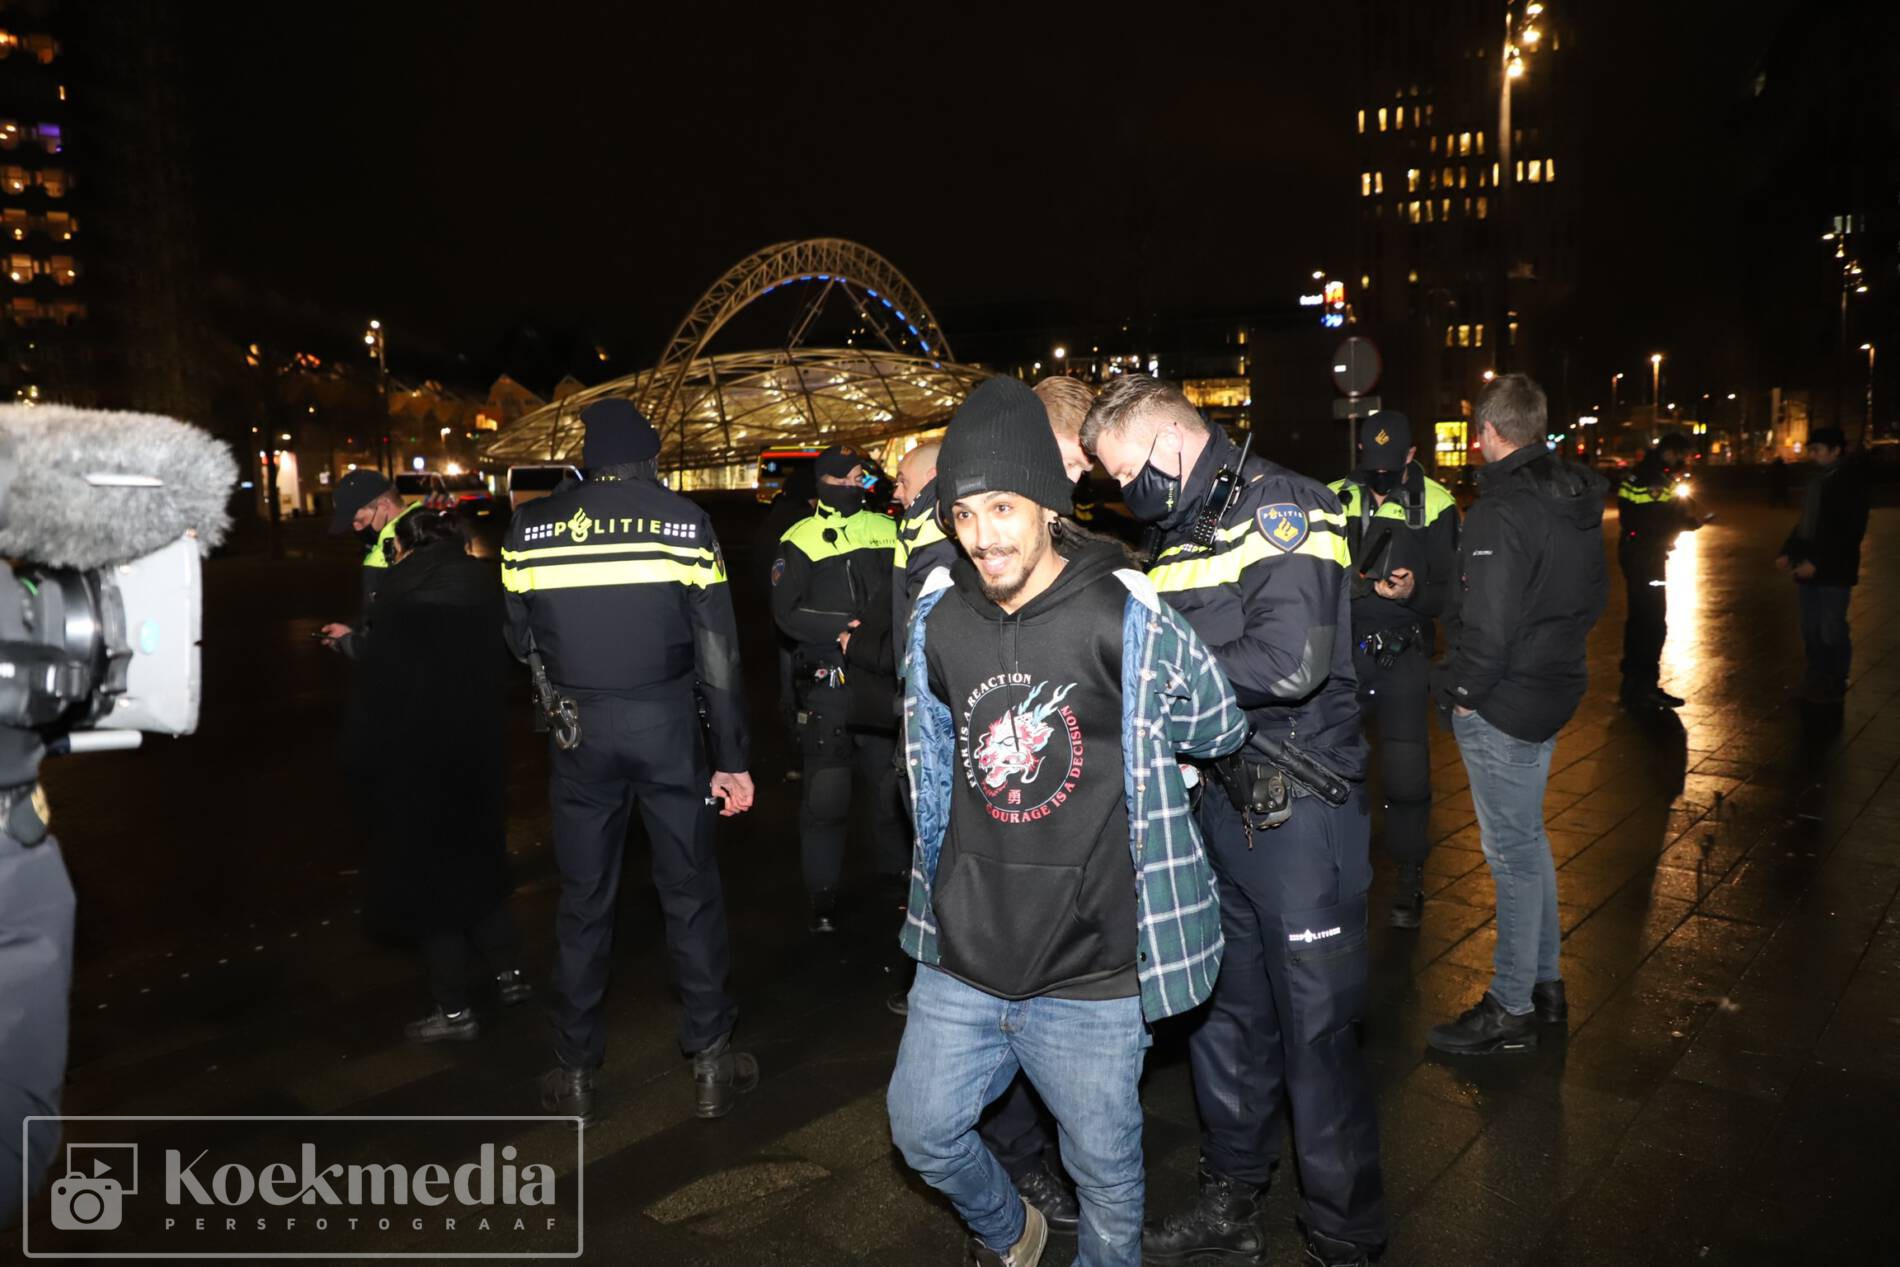 Arrestatie en boetes bij protest tegen de avondklok in Rotterdam